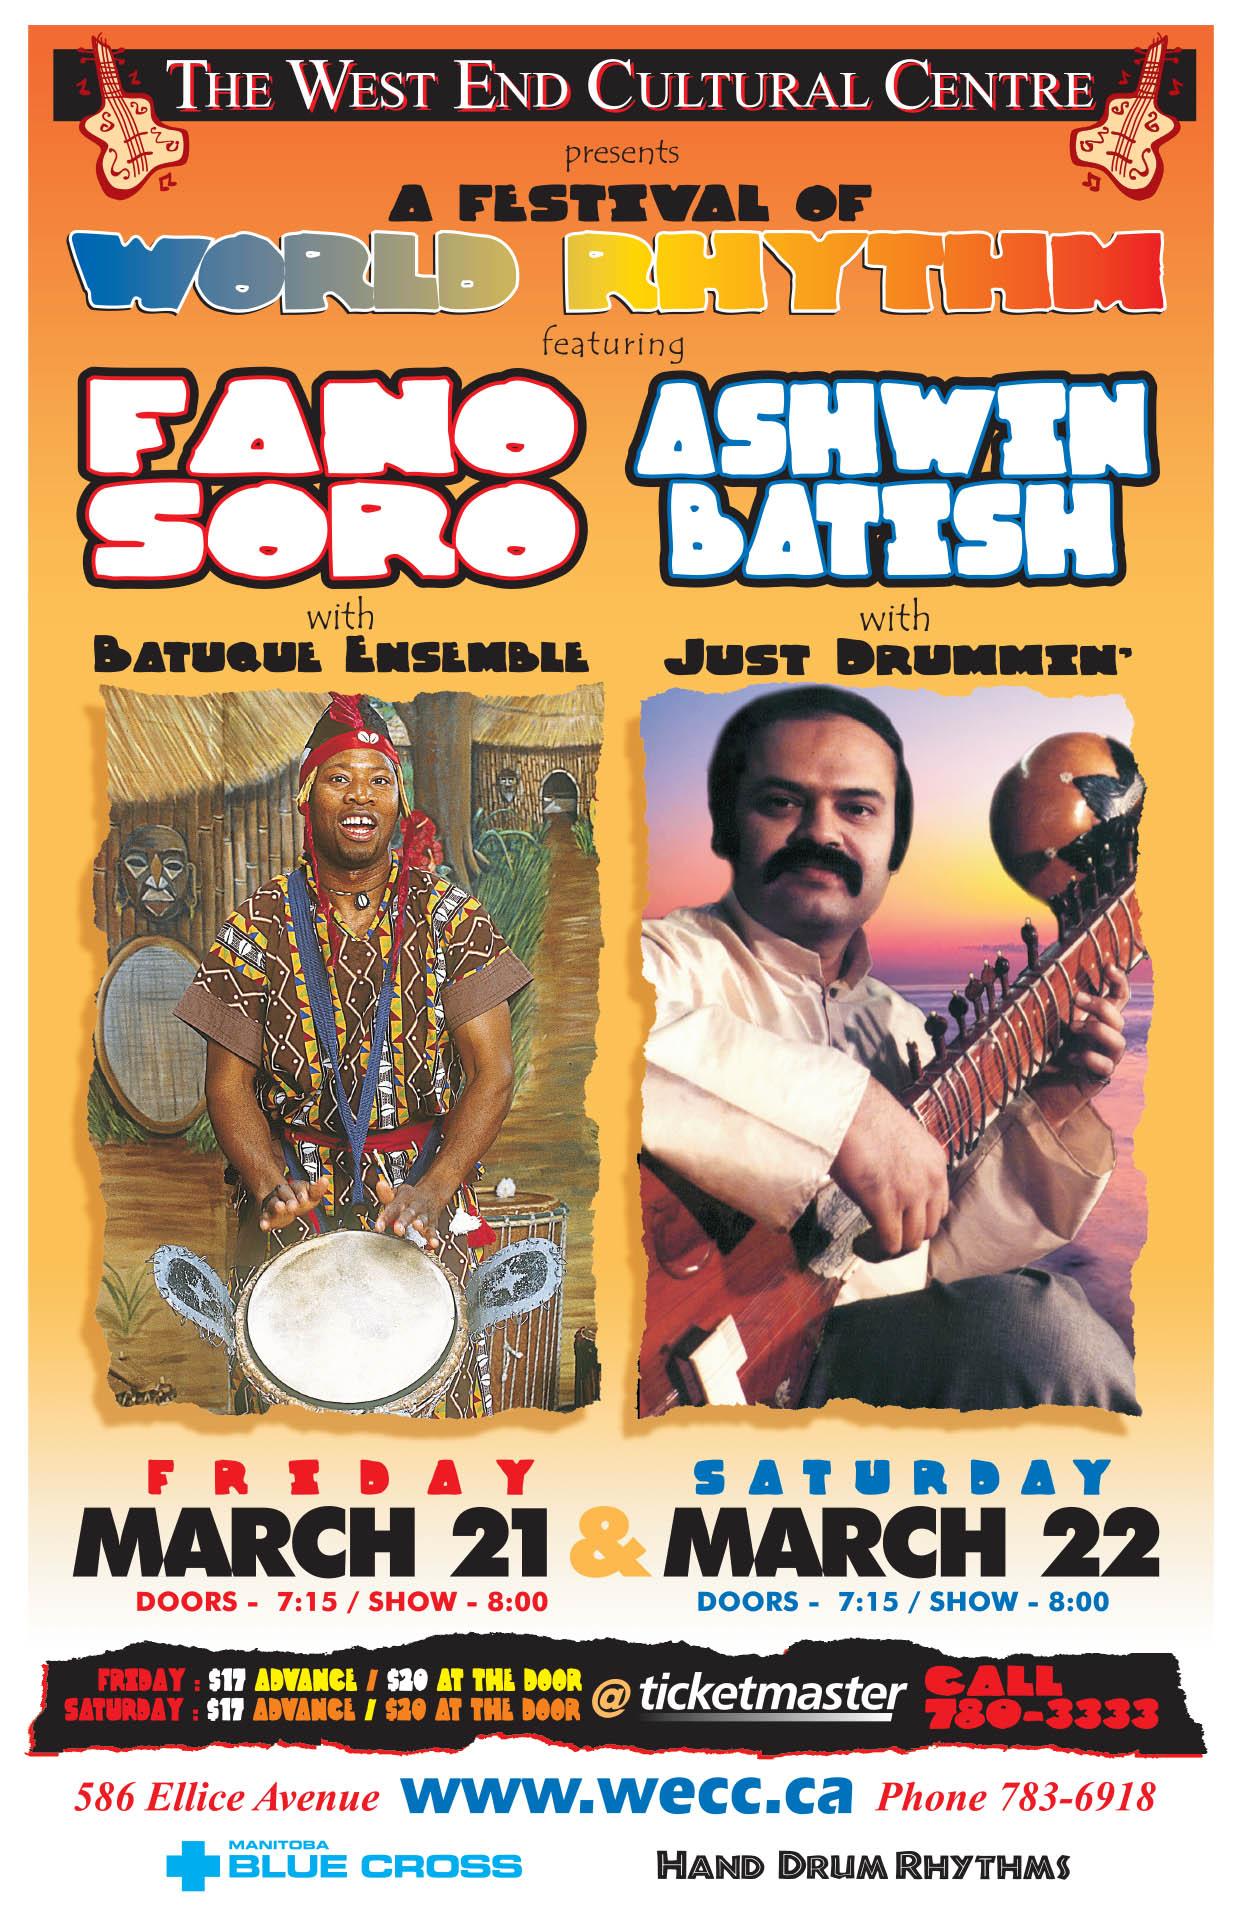 FANO SORO & ASHWIN BATISH – 2003